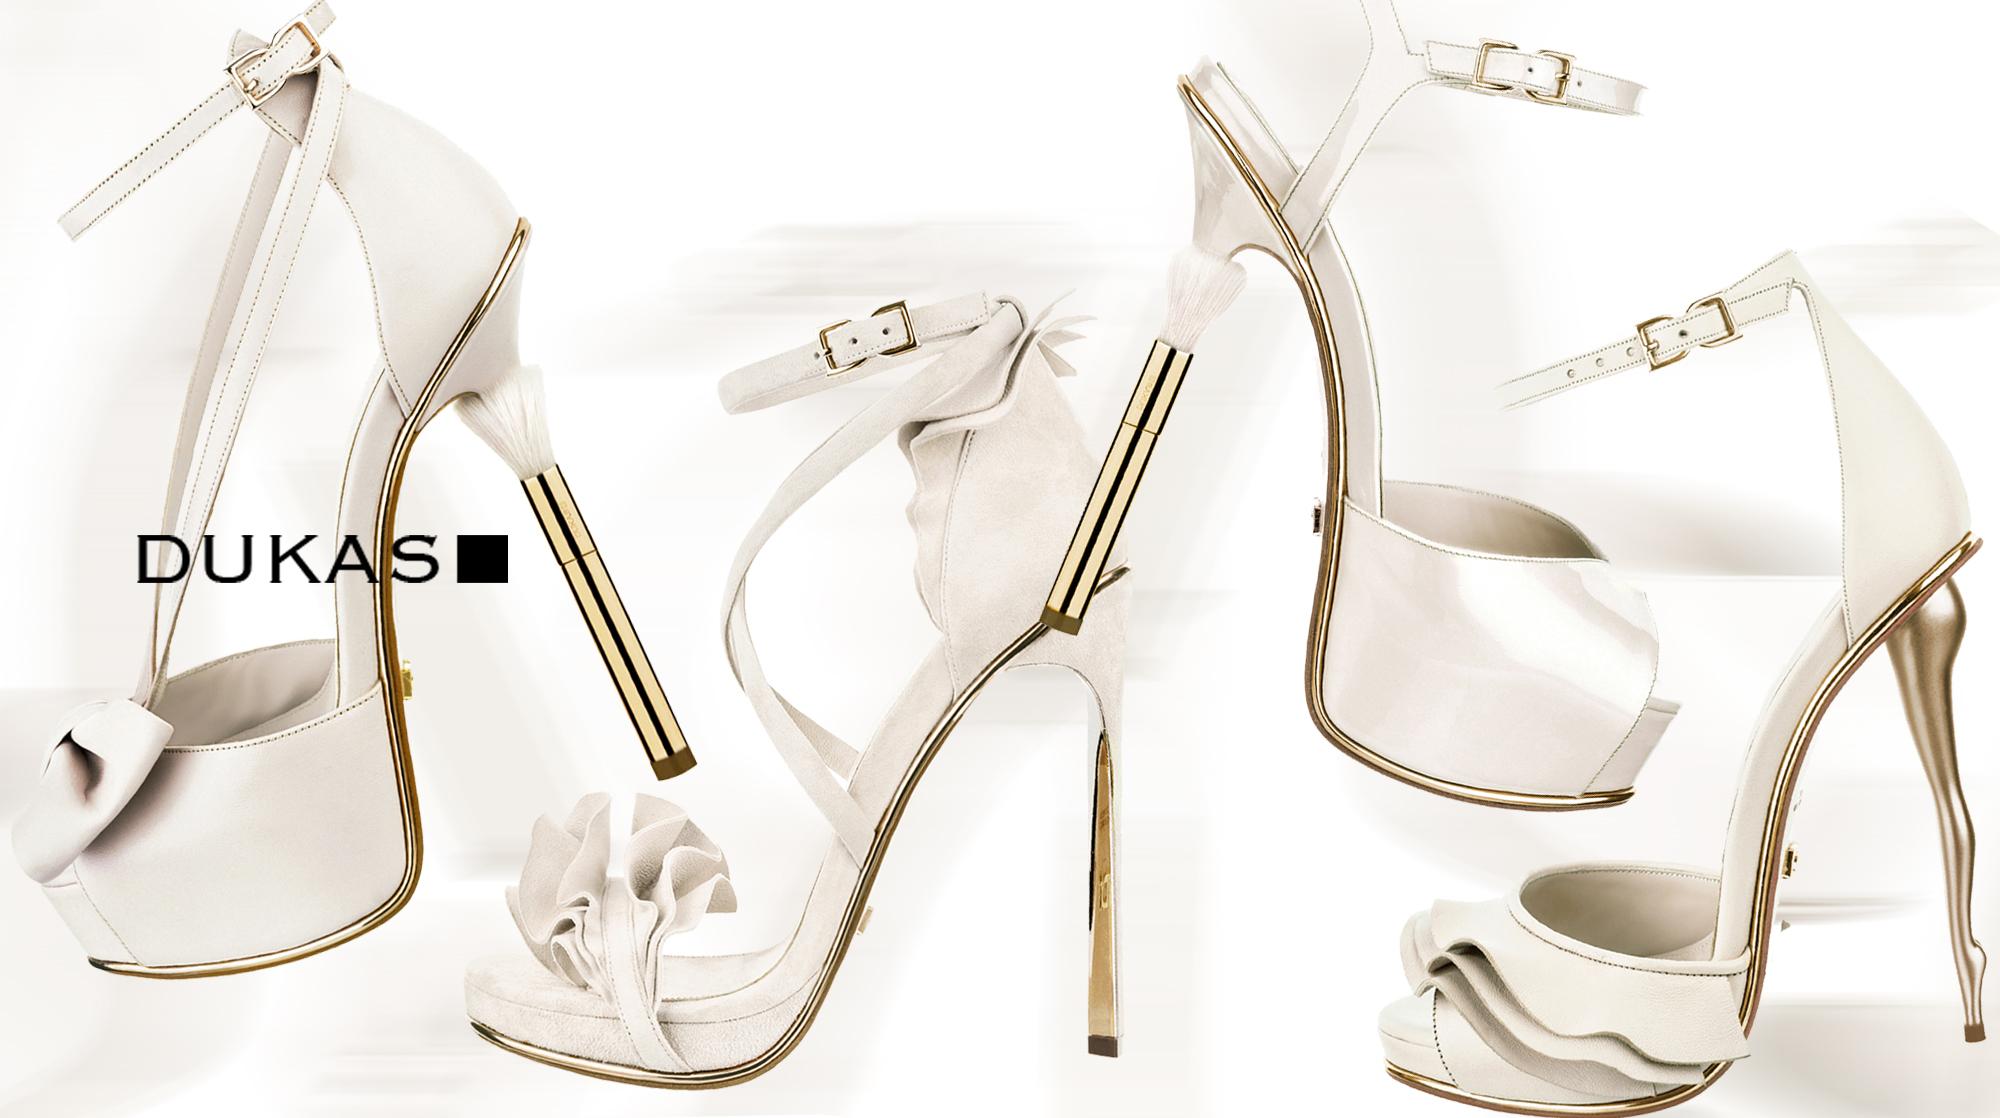 77dc780a7d5 Official DUKAS Online Boutique - Luxury Shoes